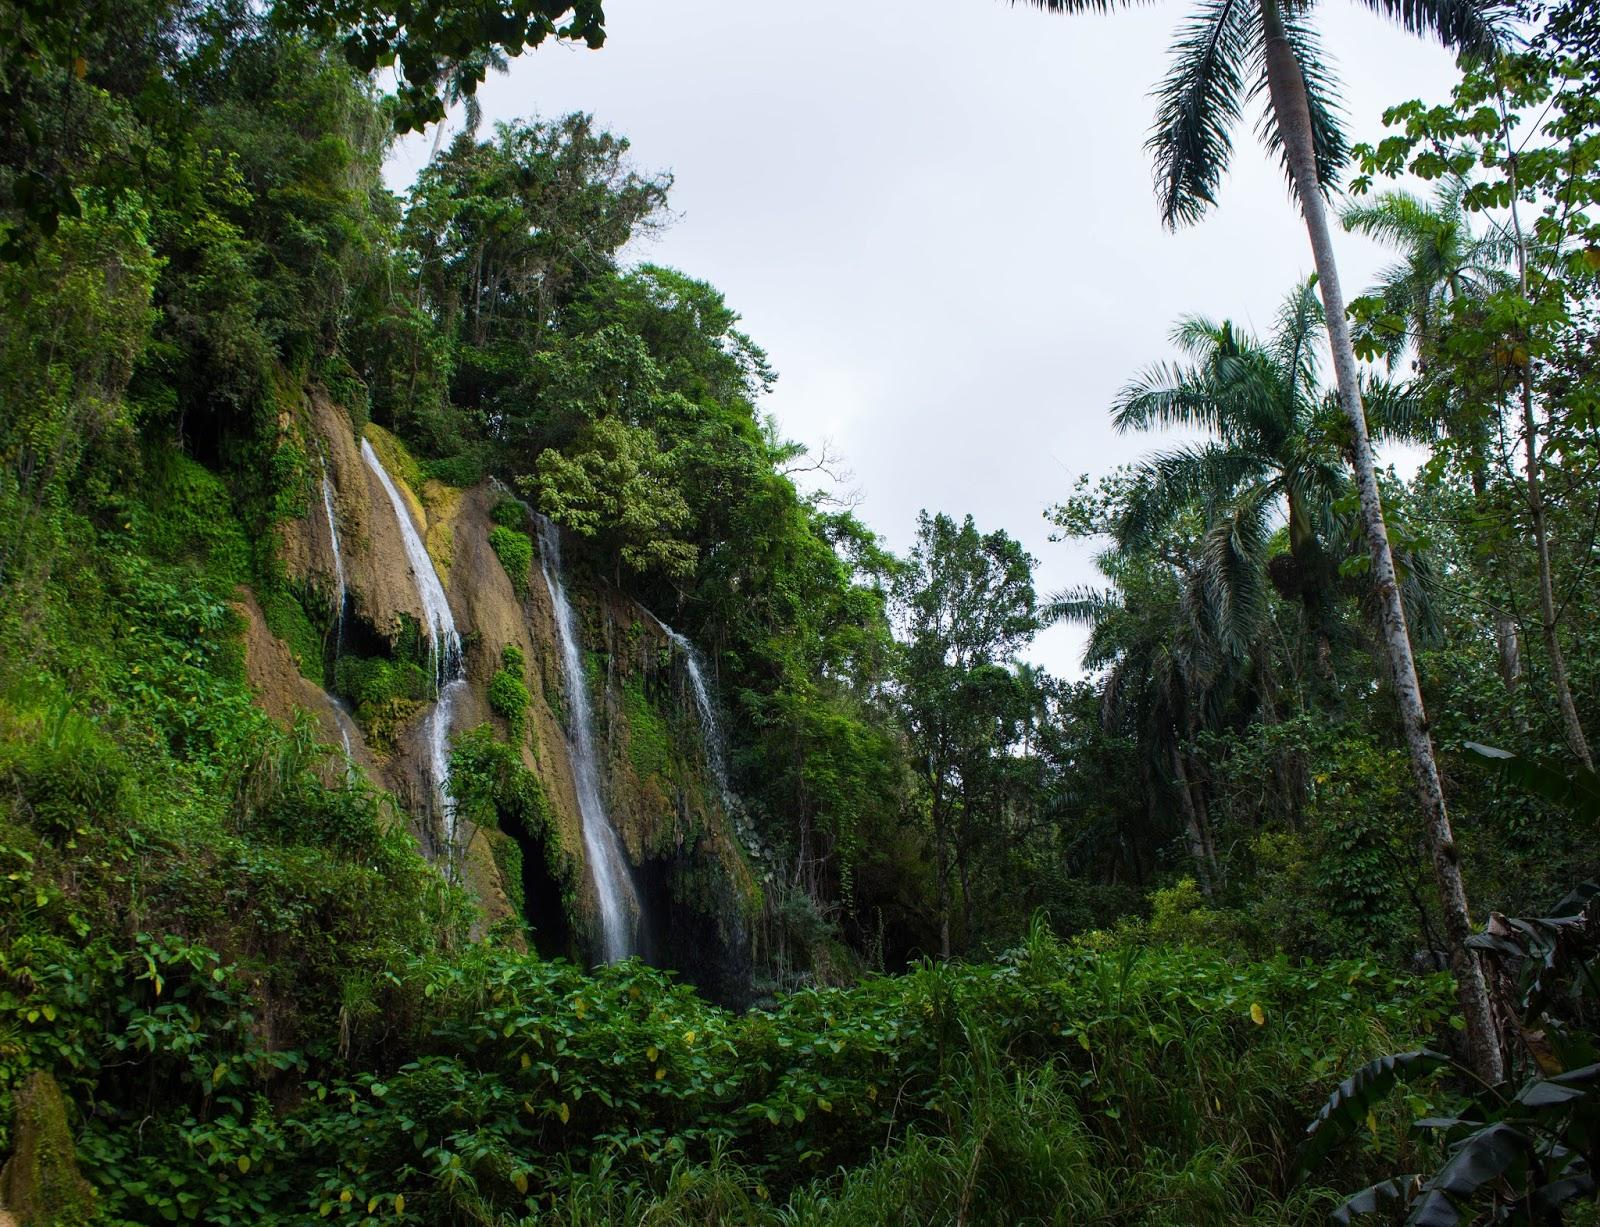 TopesdeCollantes_Cuba_Travel_Guide28729